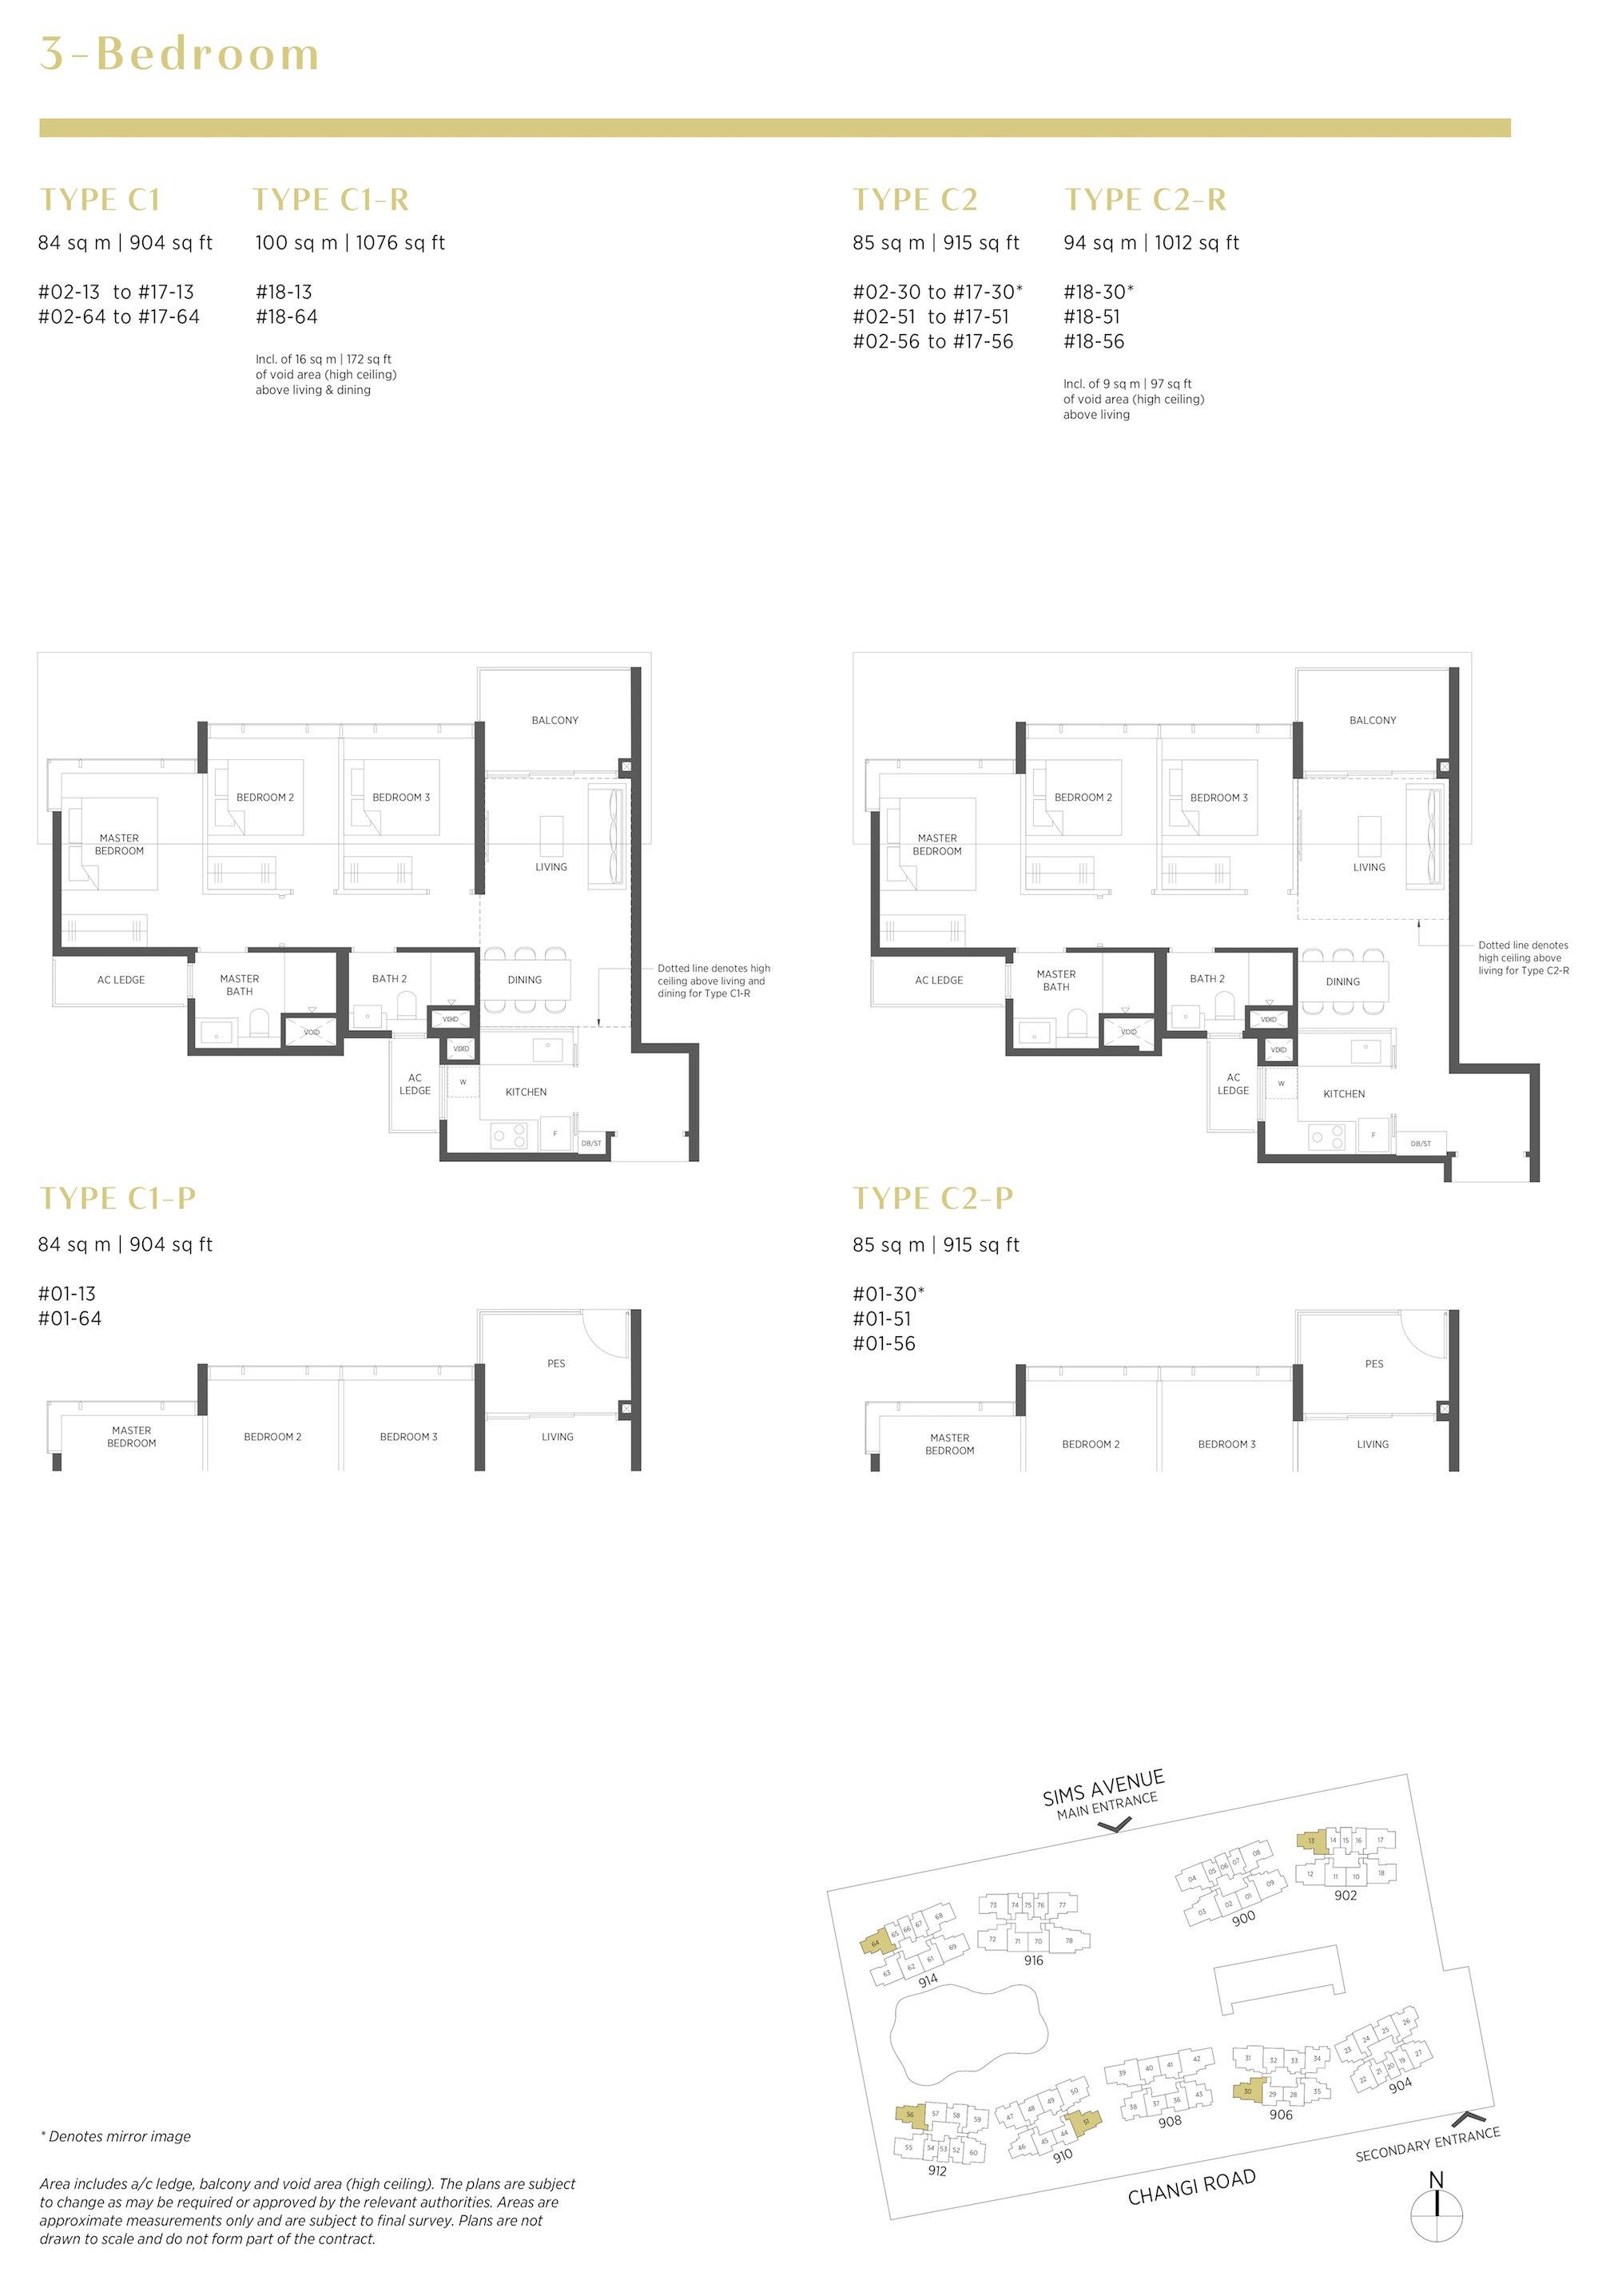 Parc Esta 东景苑 3 bedroom 3卧房 C1 C2